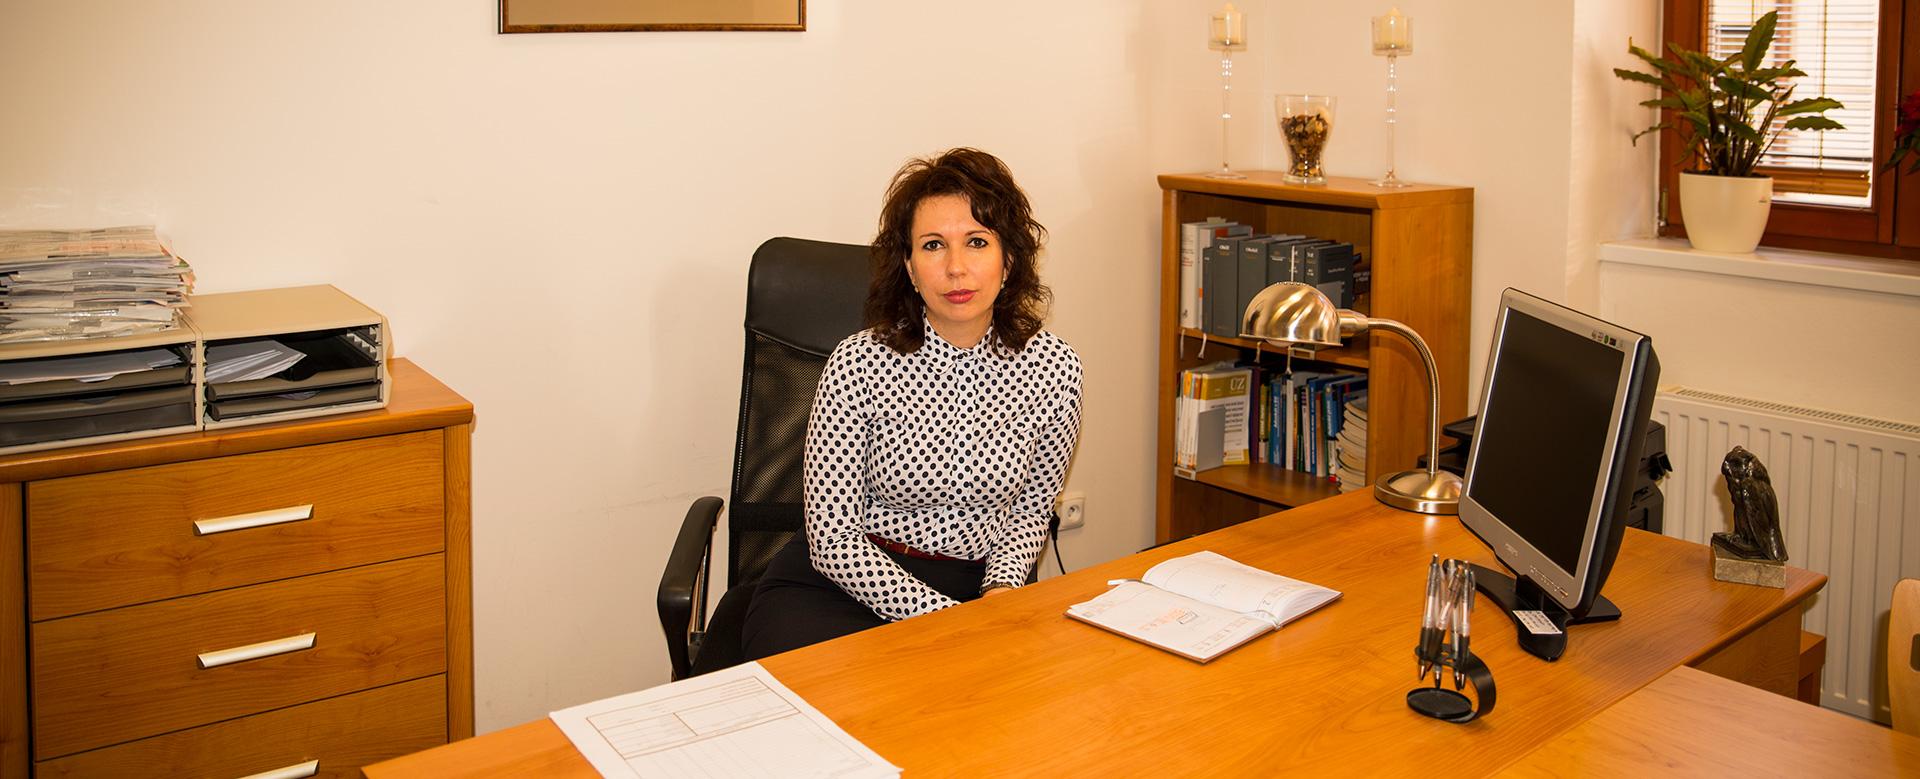 Mgr. Andrea Kuchařová - advokátka z Uherského Hradiště